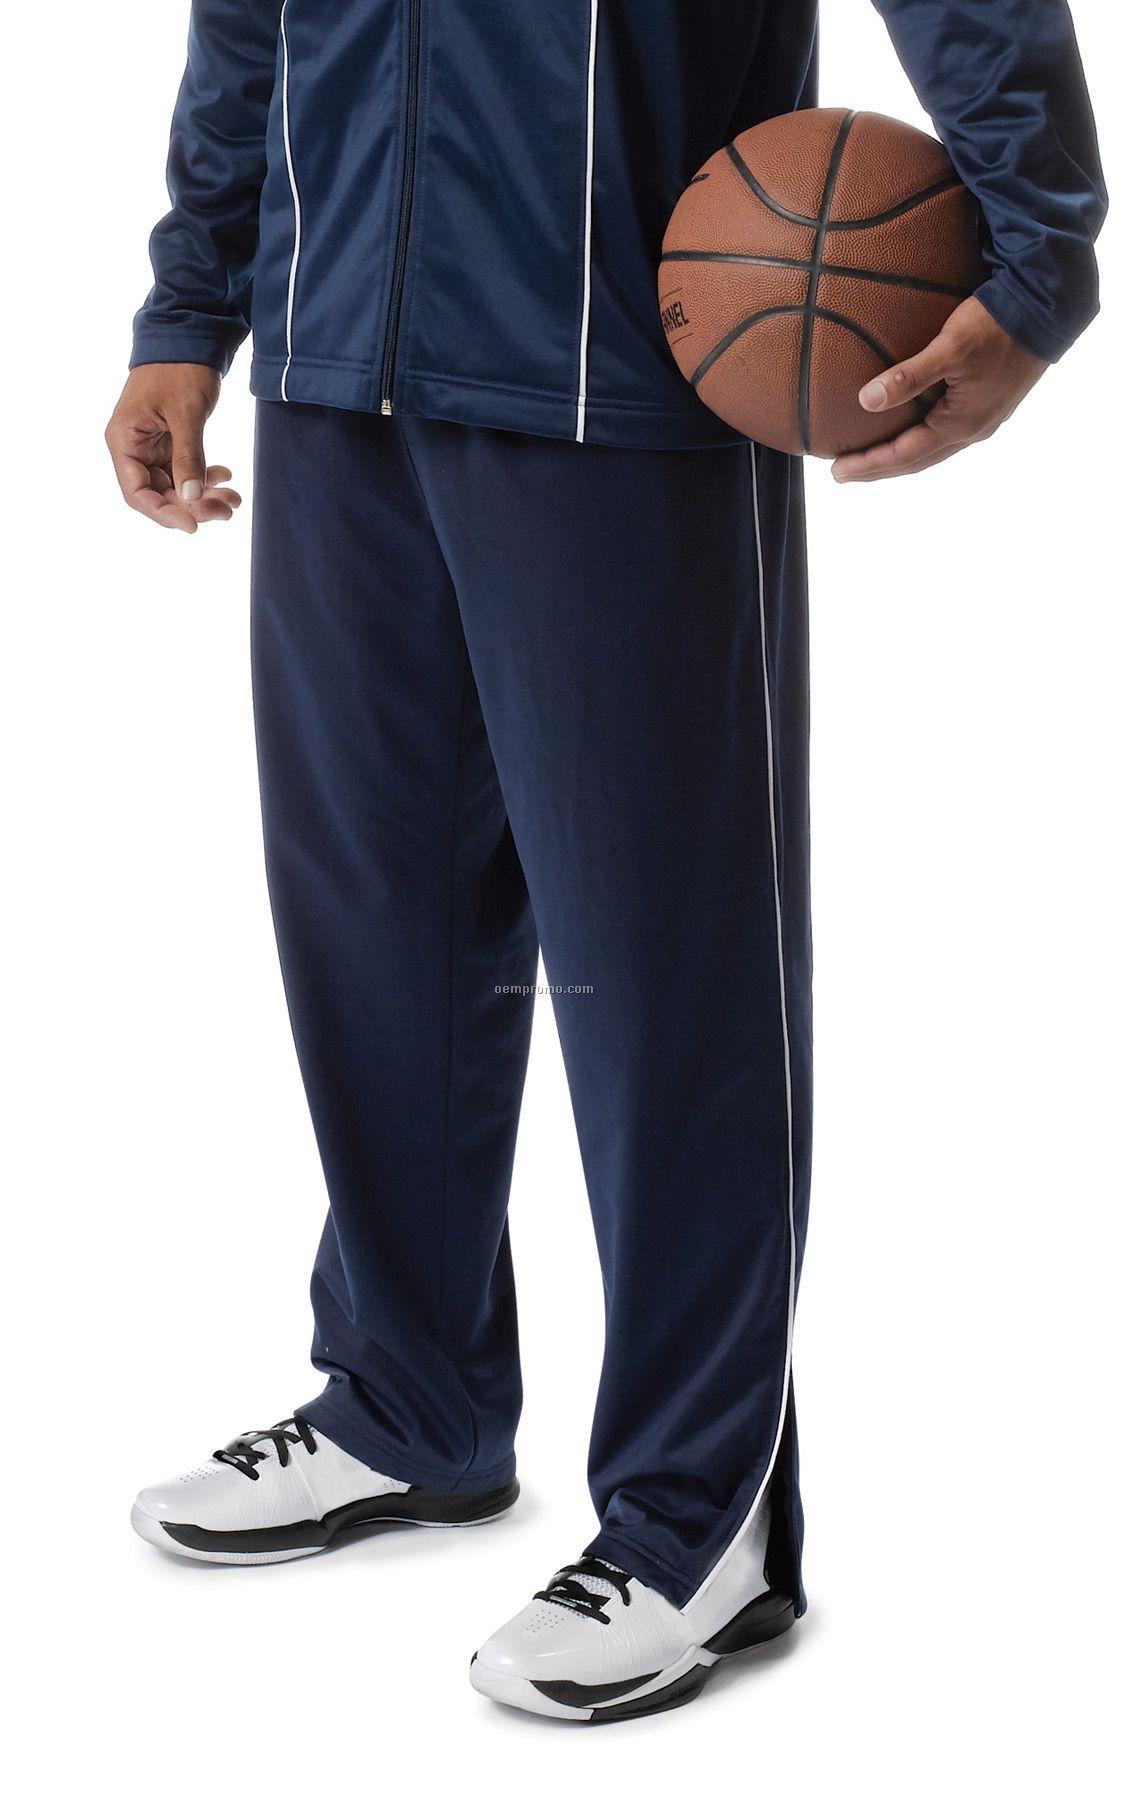 N6179 Men's Zip-leg Pull-on Pant